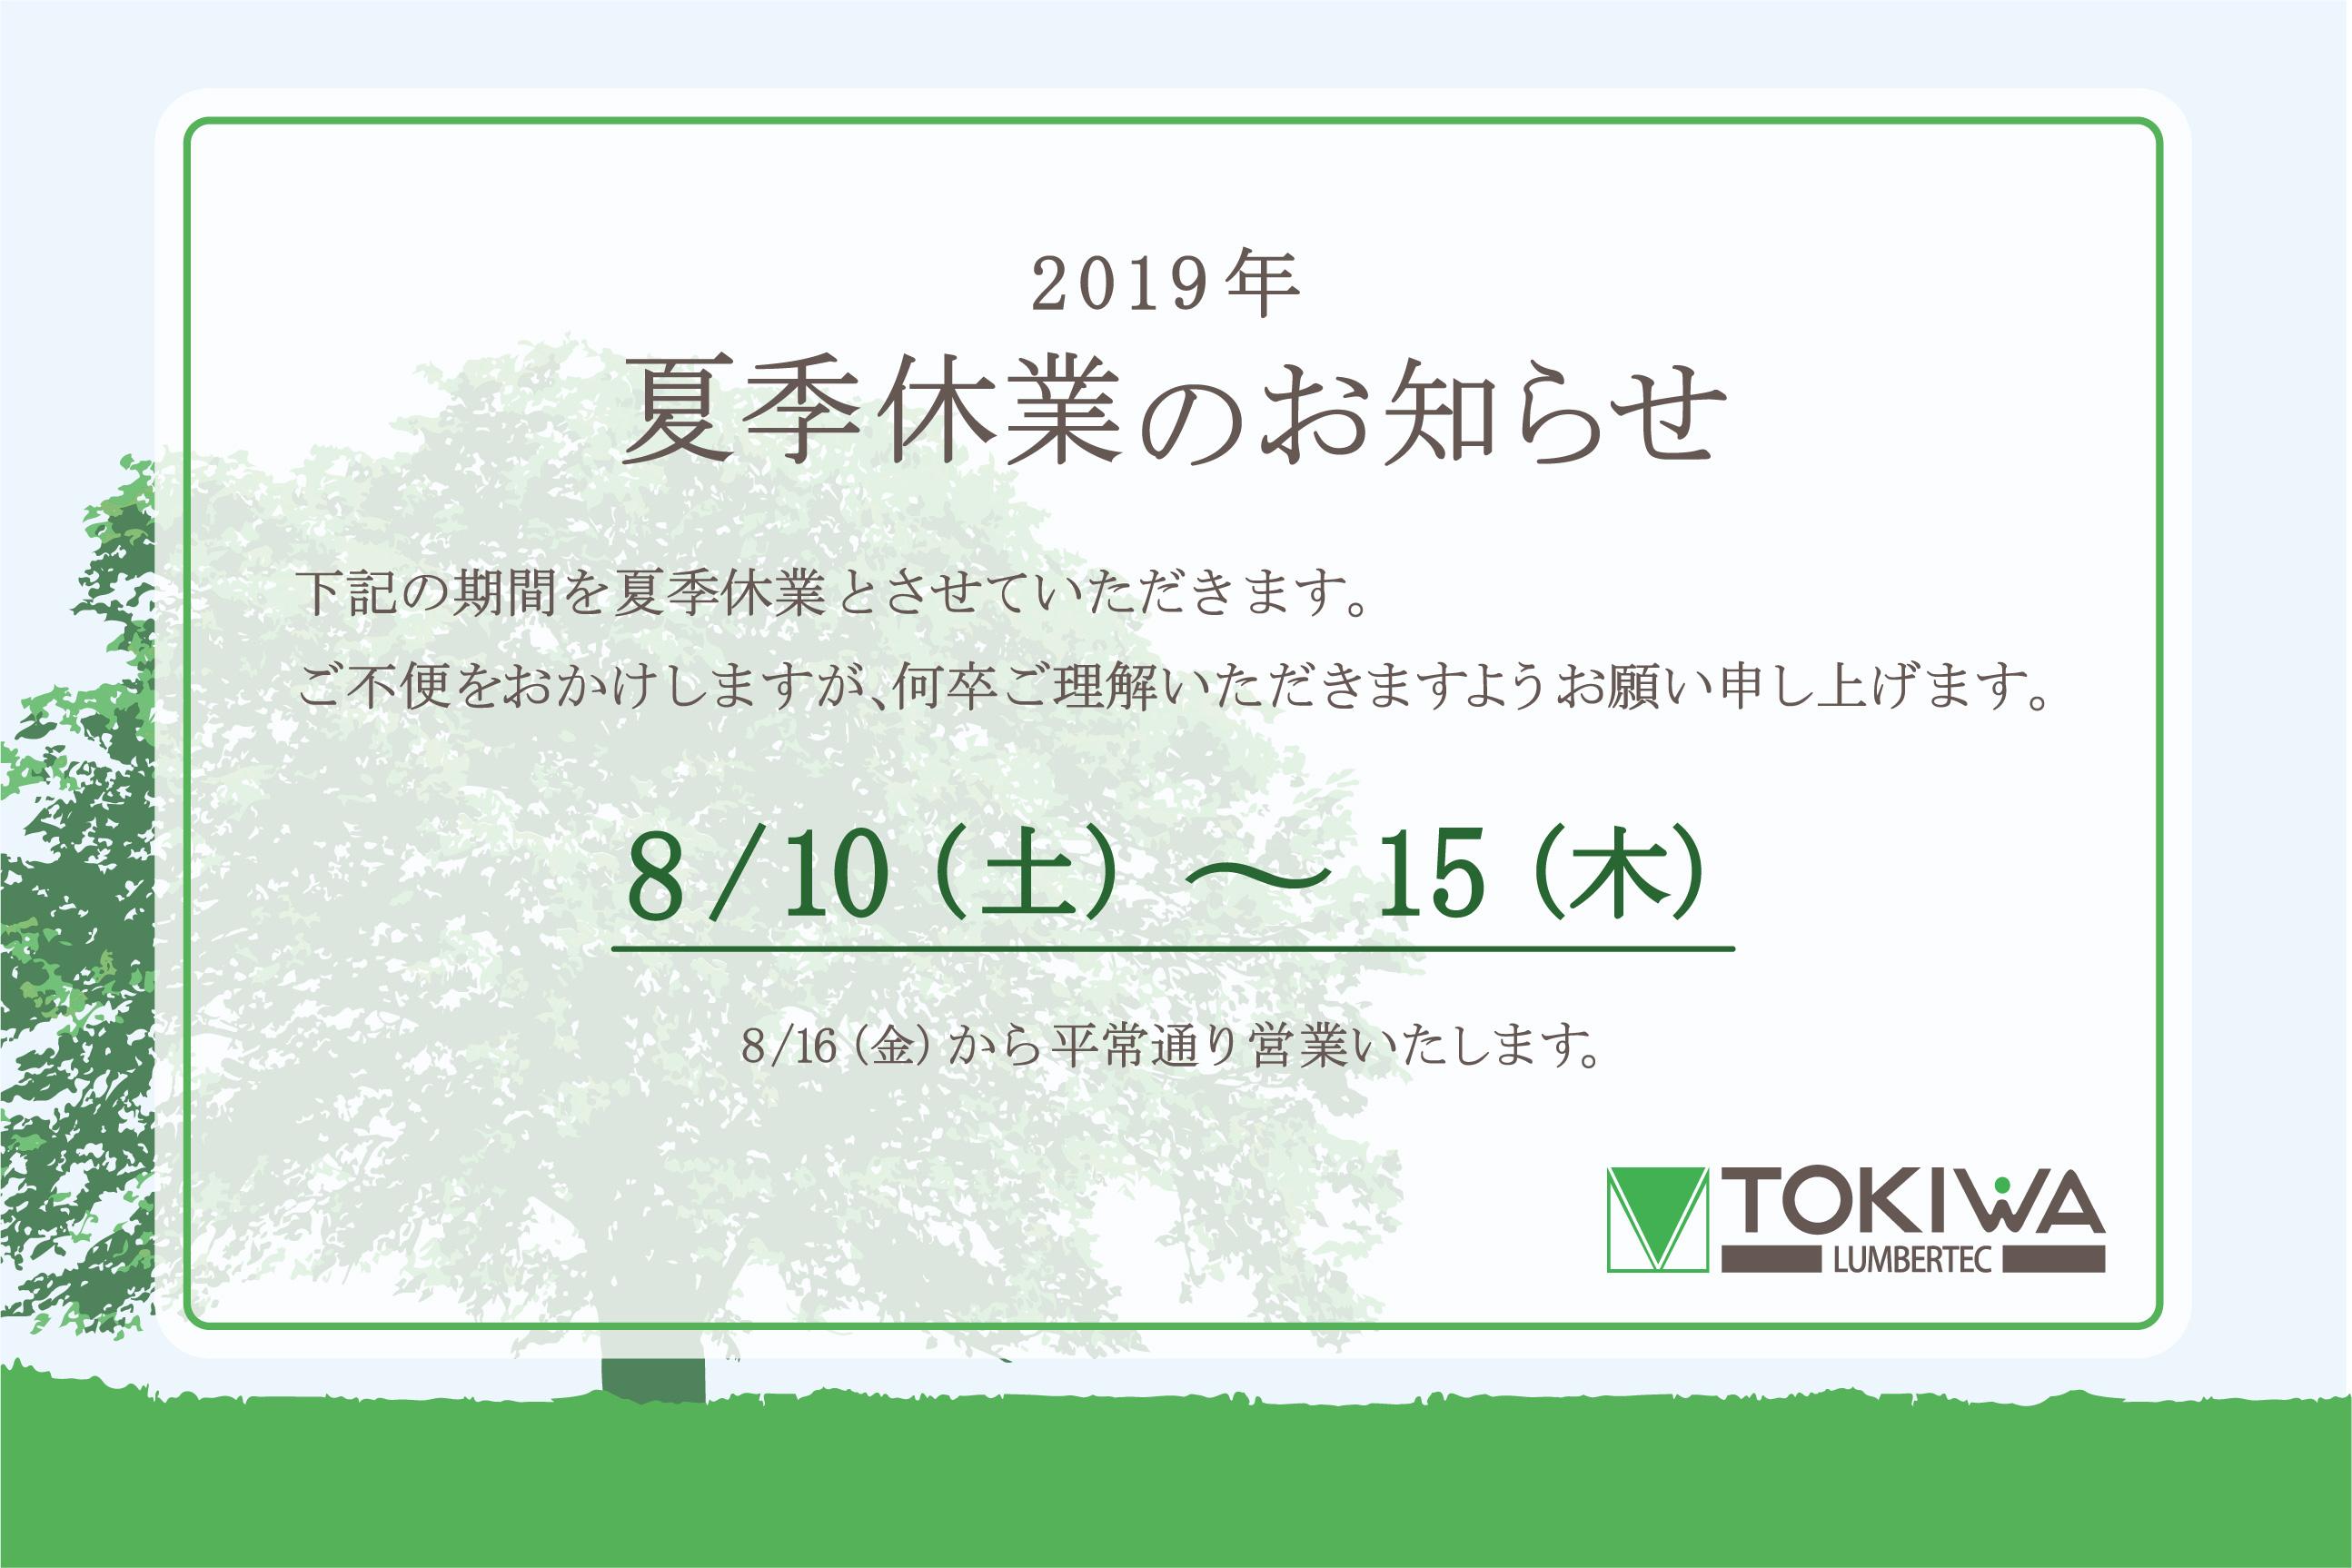 2019年 夏季休業のお知らせ